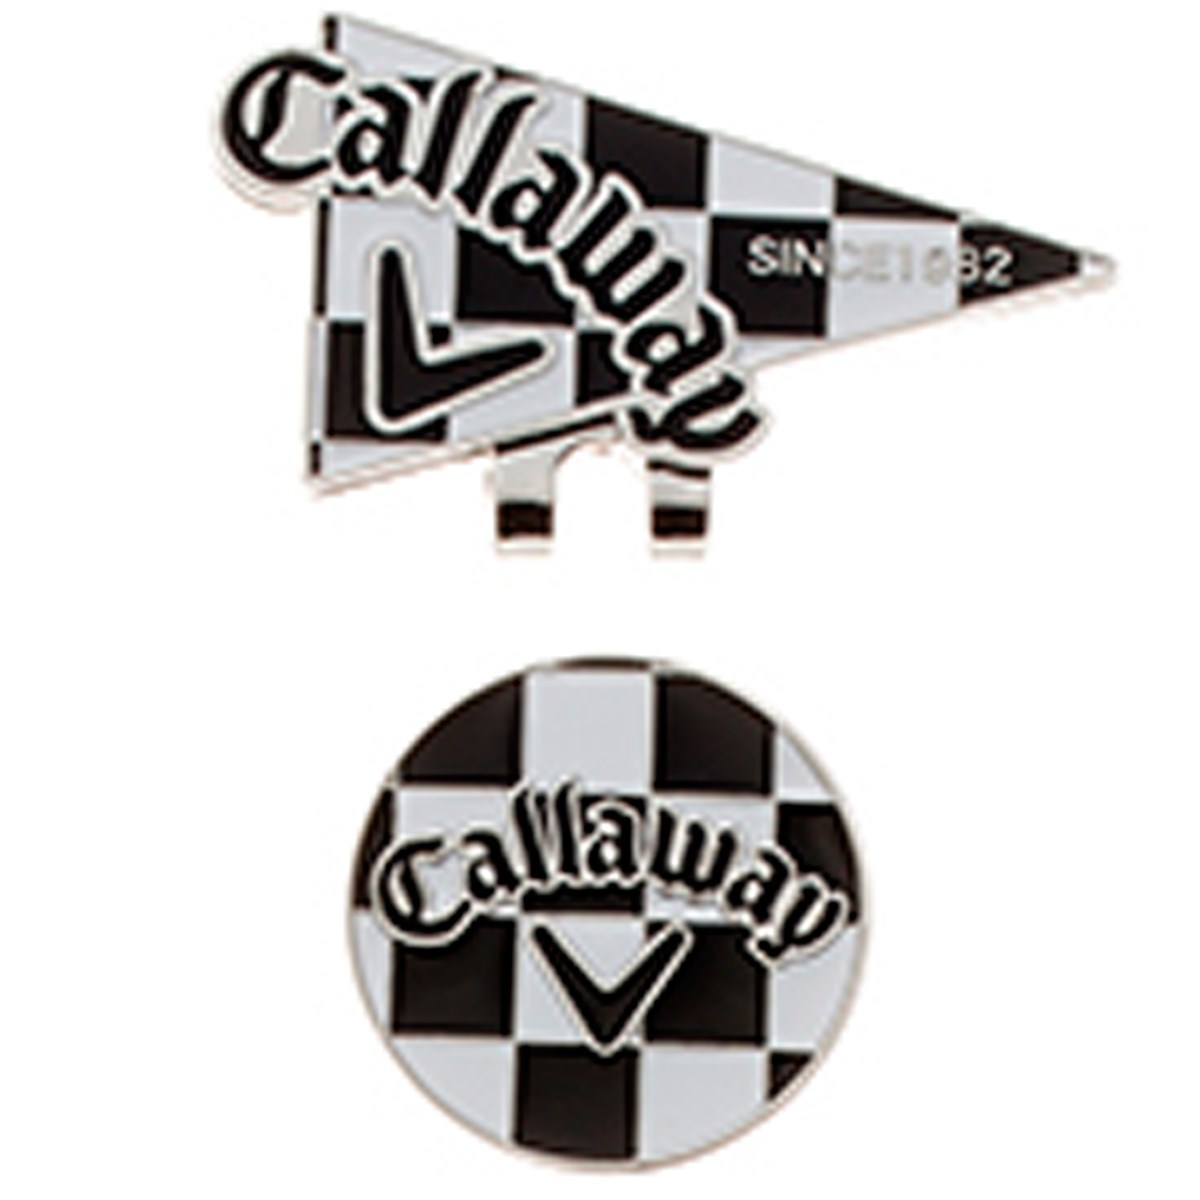 キャロウェイゴルフ(Callaway Golf) フラッグマーカー 16JM